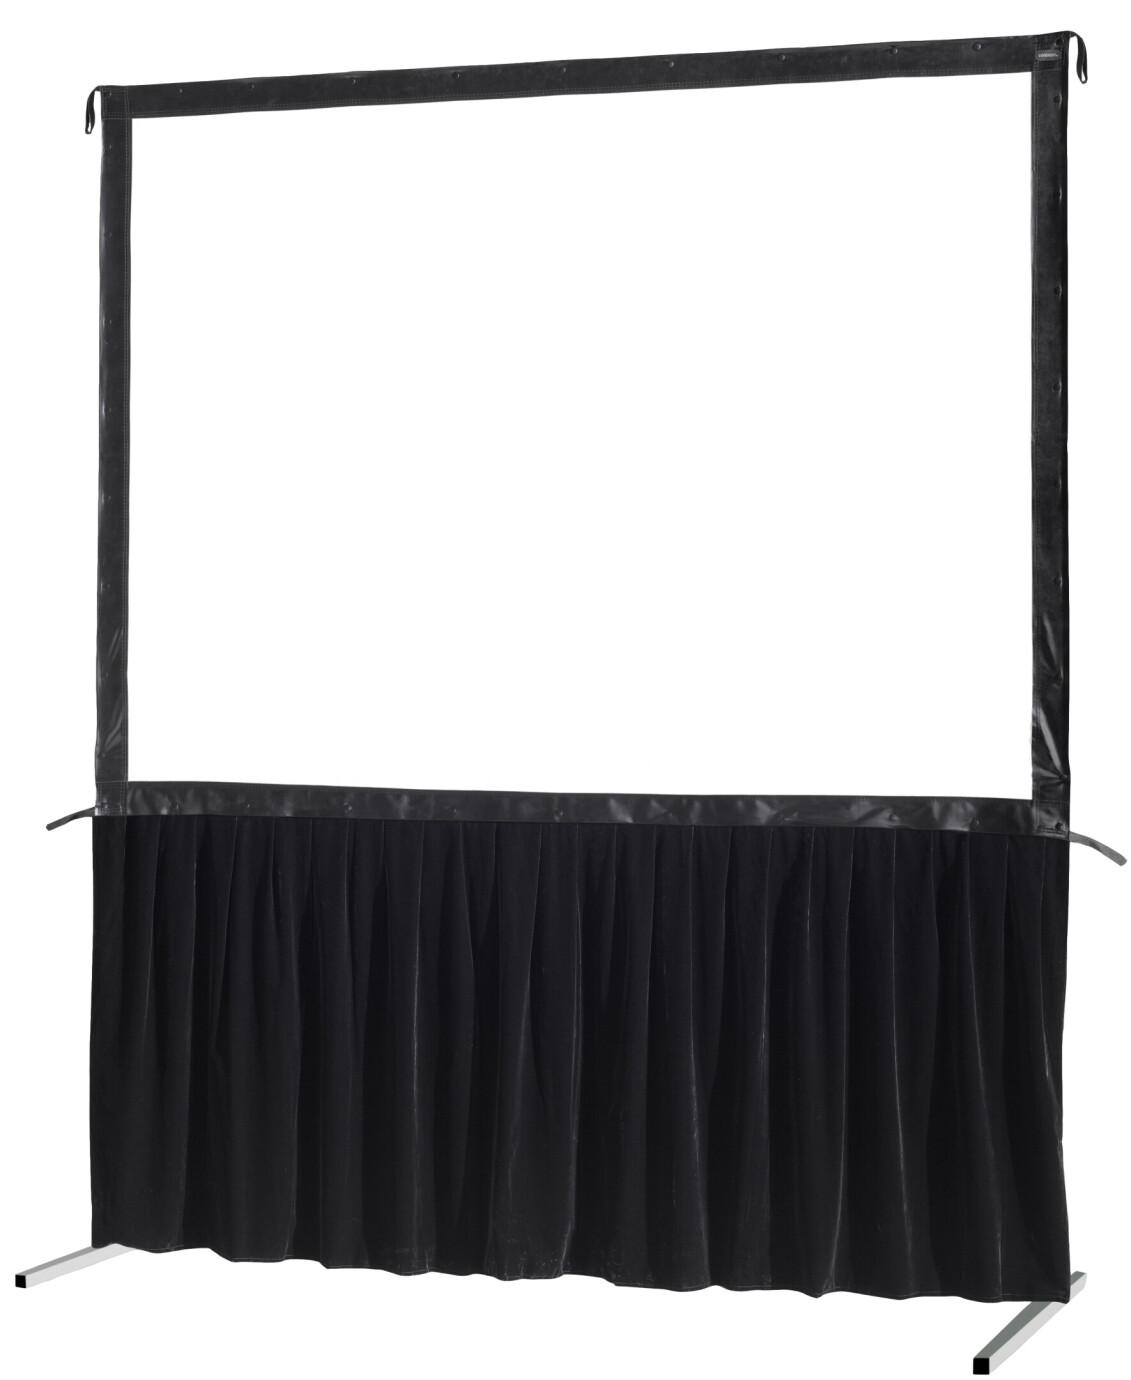 Set de cortina de 1 pieza celexon pantalla de marco plegable Mobile Expert 203 x 127 cm